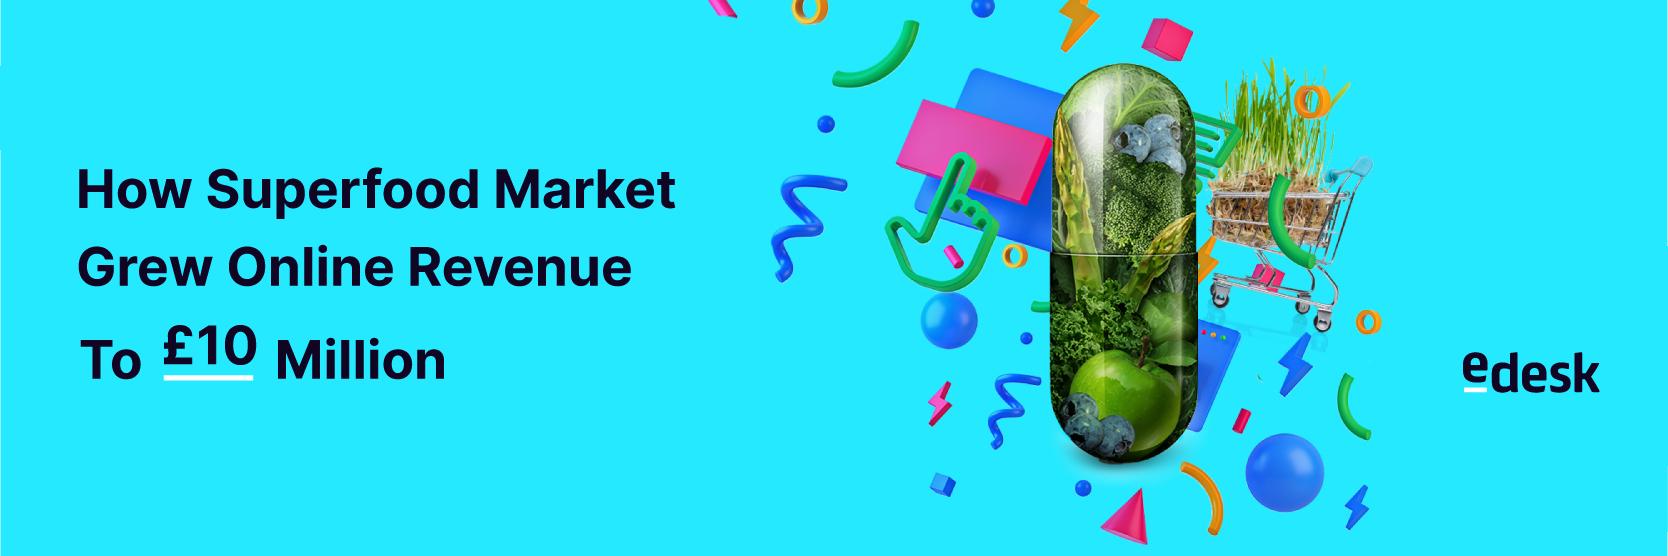 Superfood Market Webinar Banner